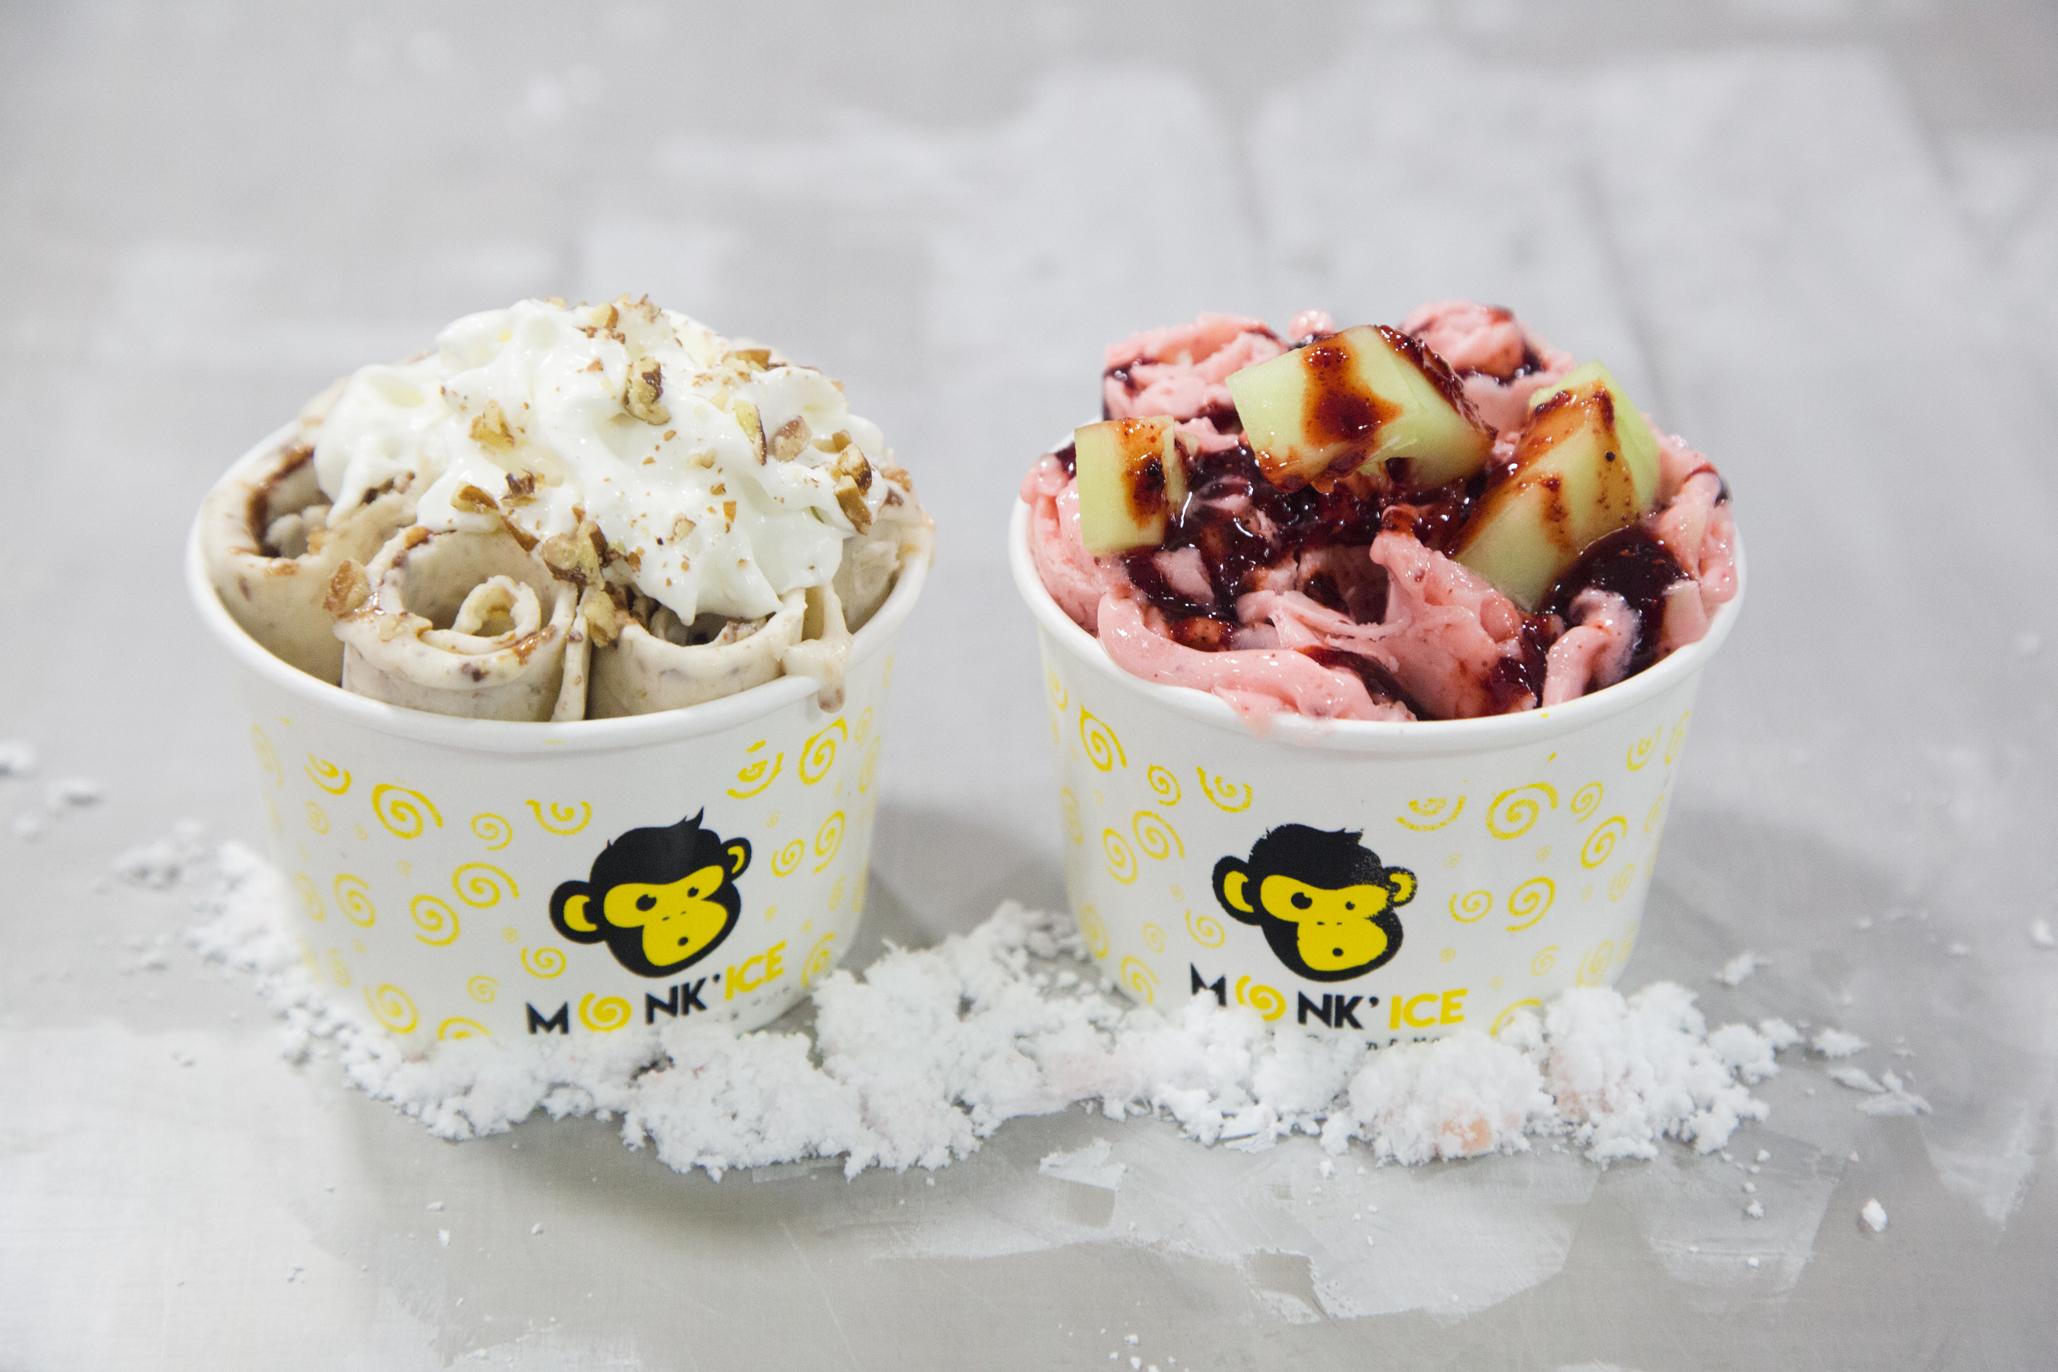 Monk Ice, rollos de helado tailandeses en la CDMX